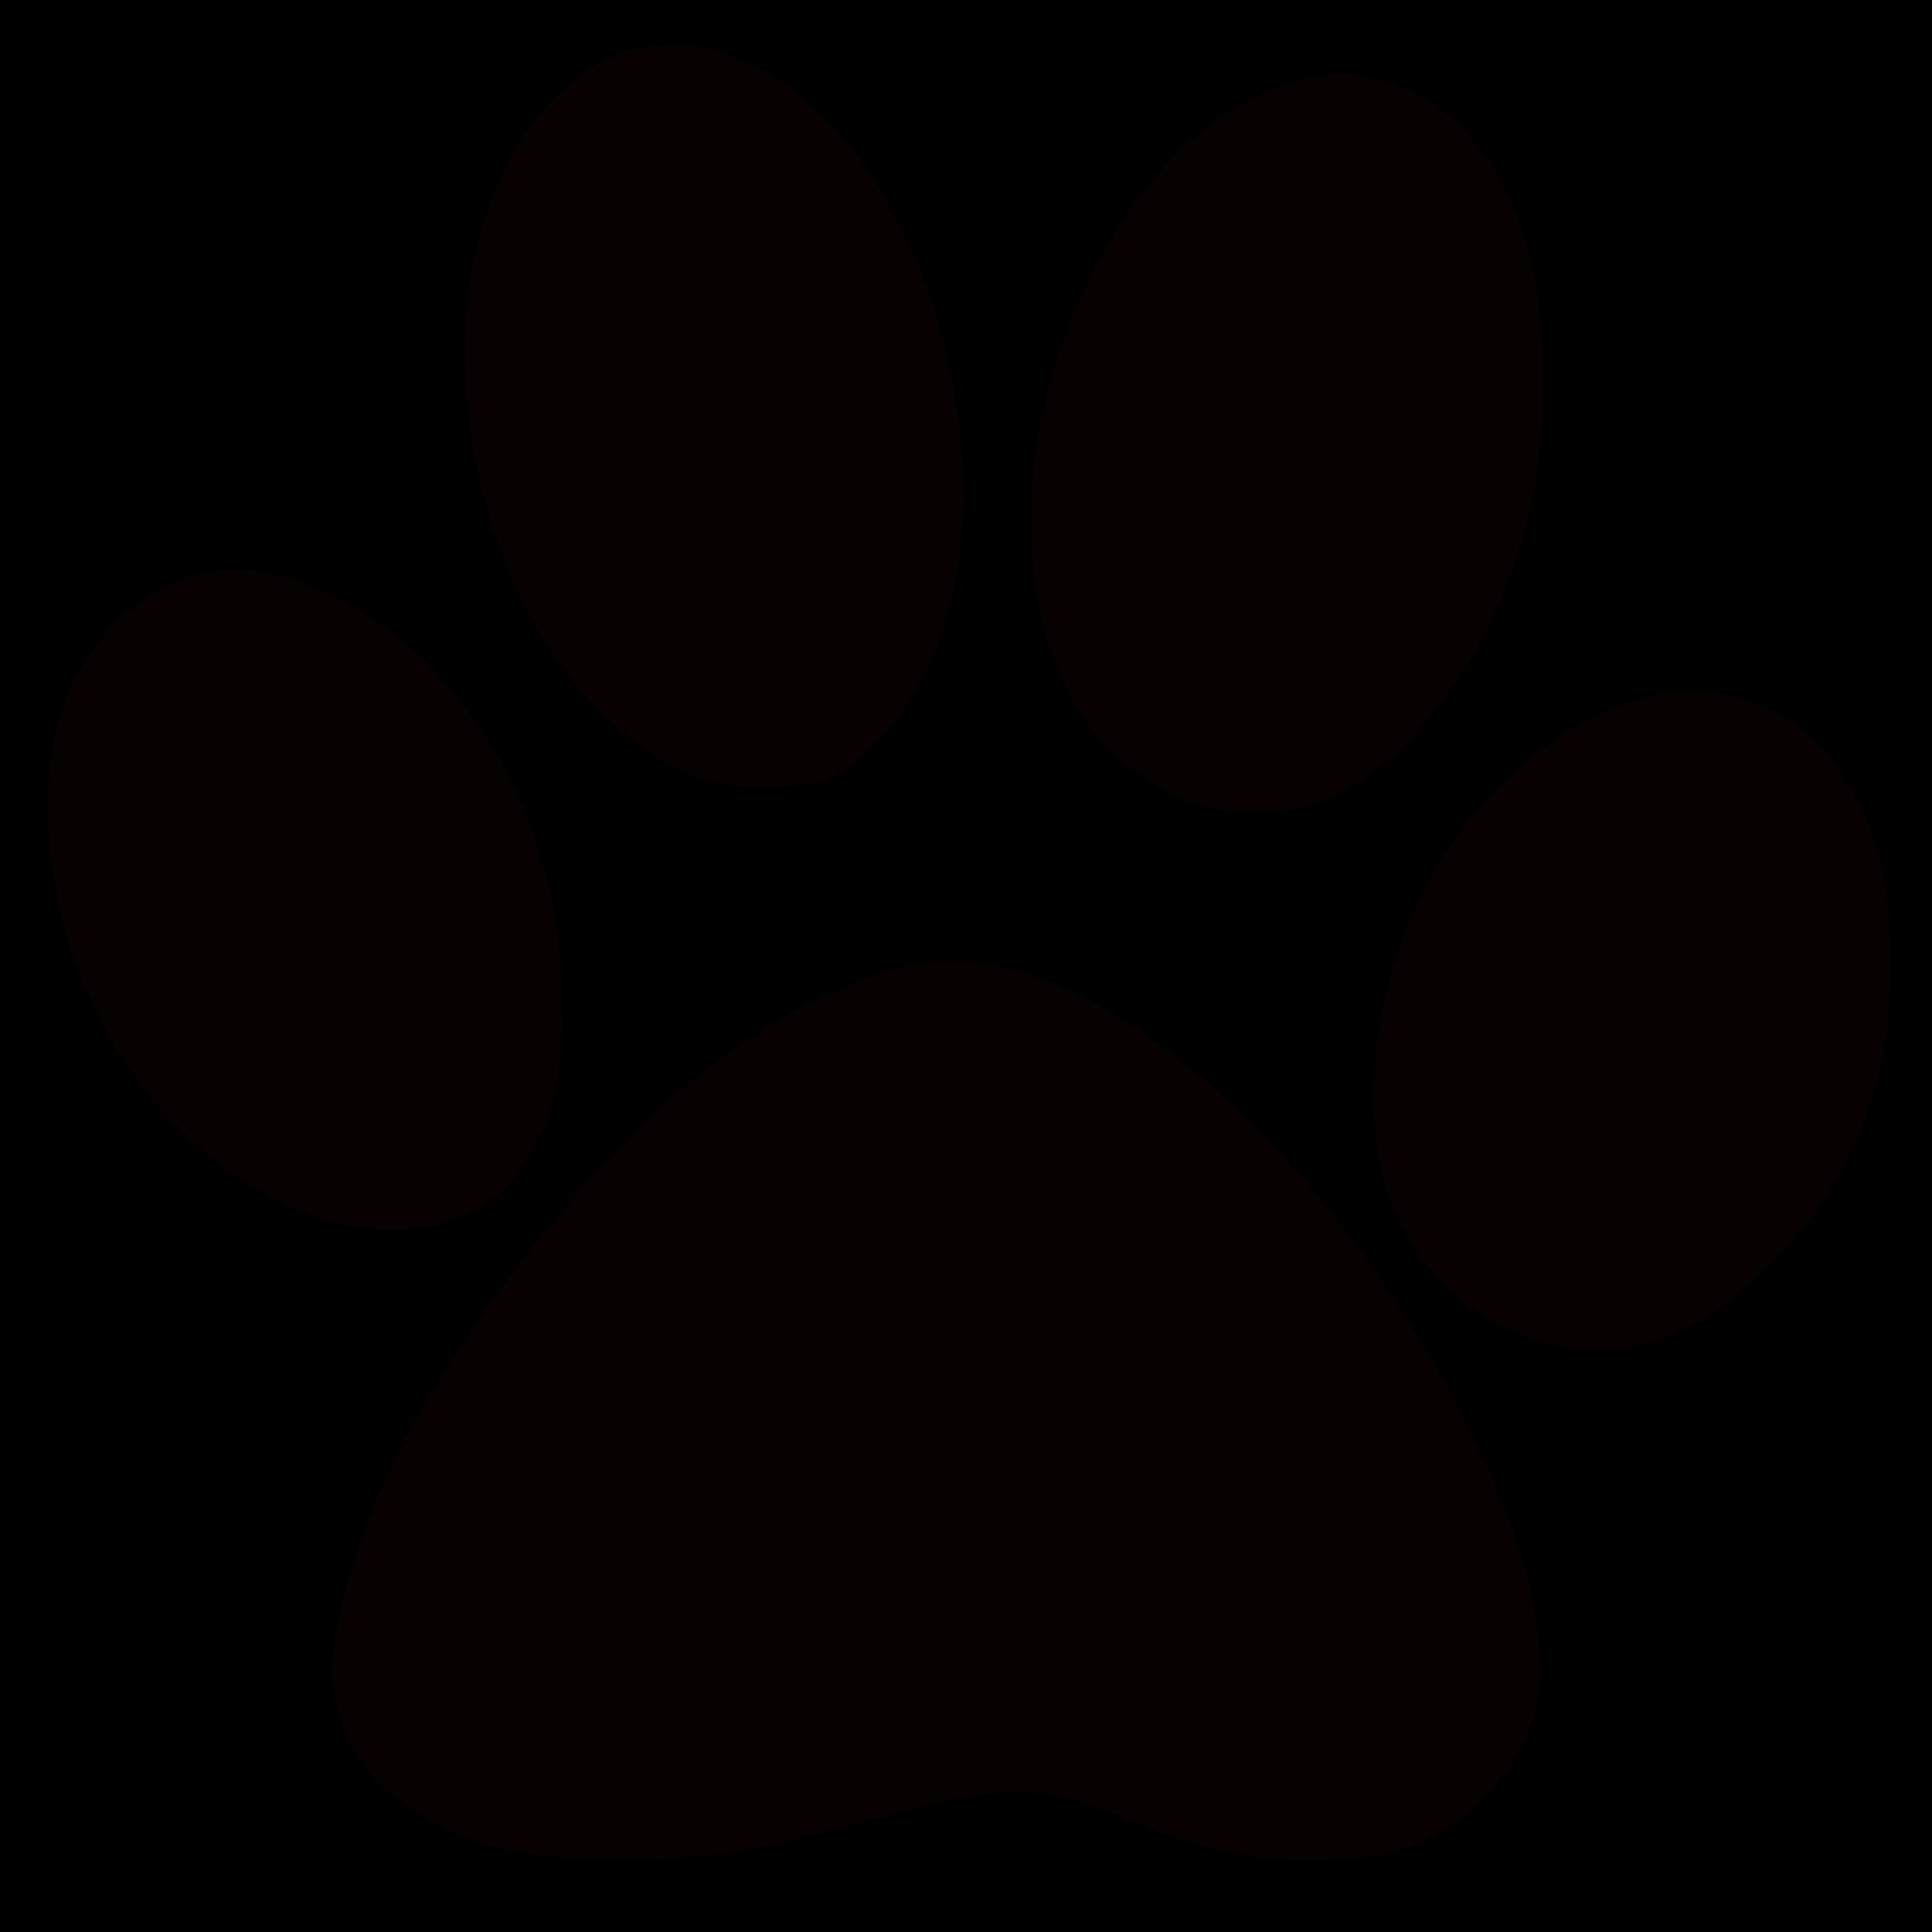 PNG Tiger Paw - 58795